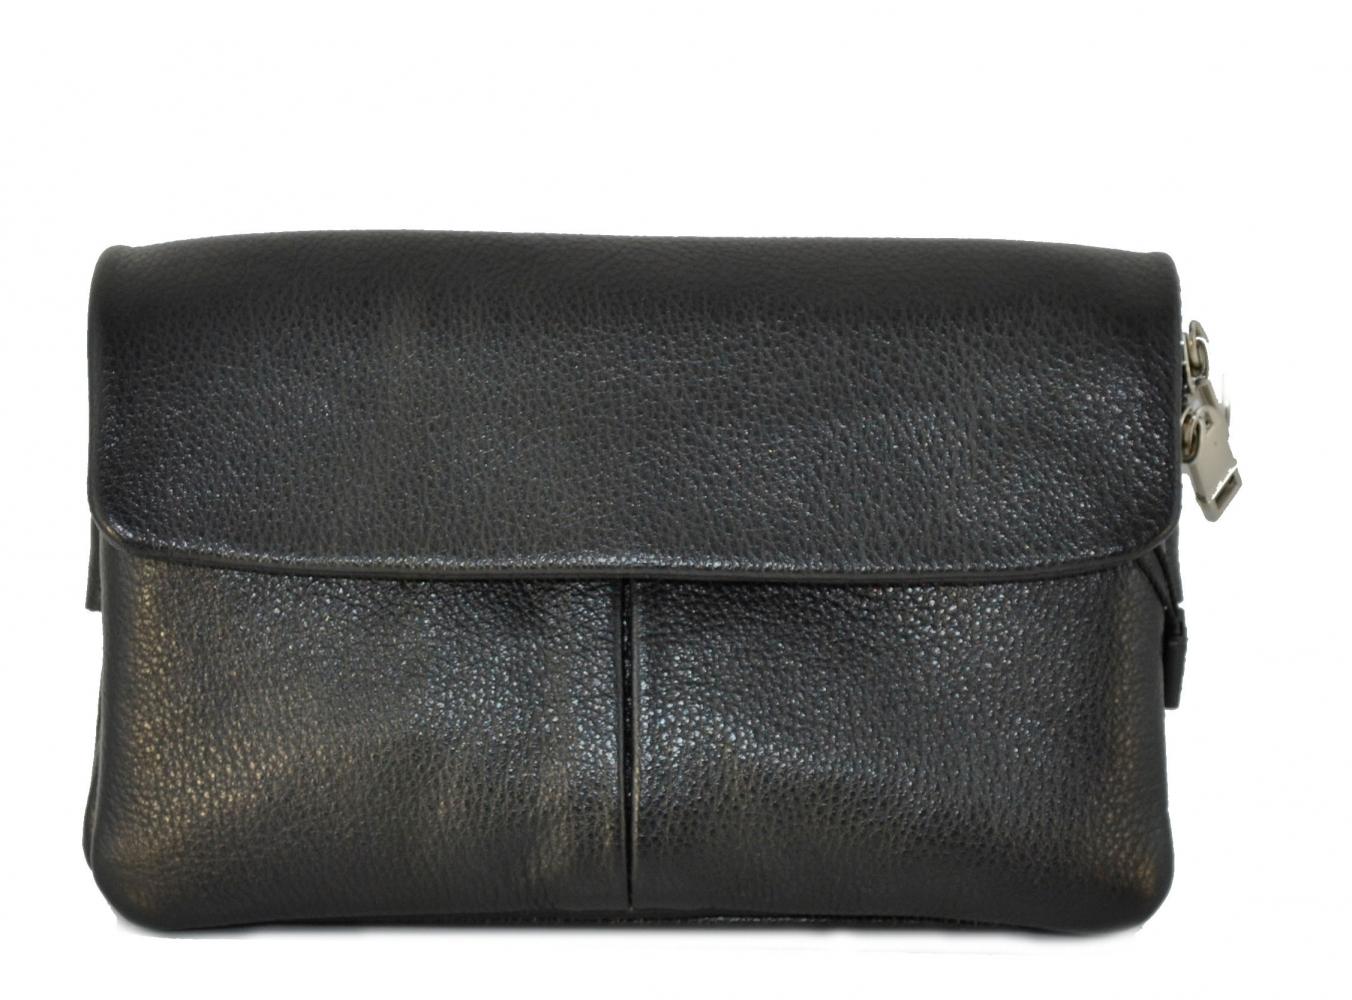 Мужская сумка из натуральной кожи Vesson 4119 черная